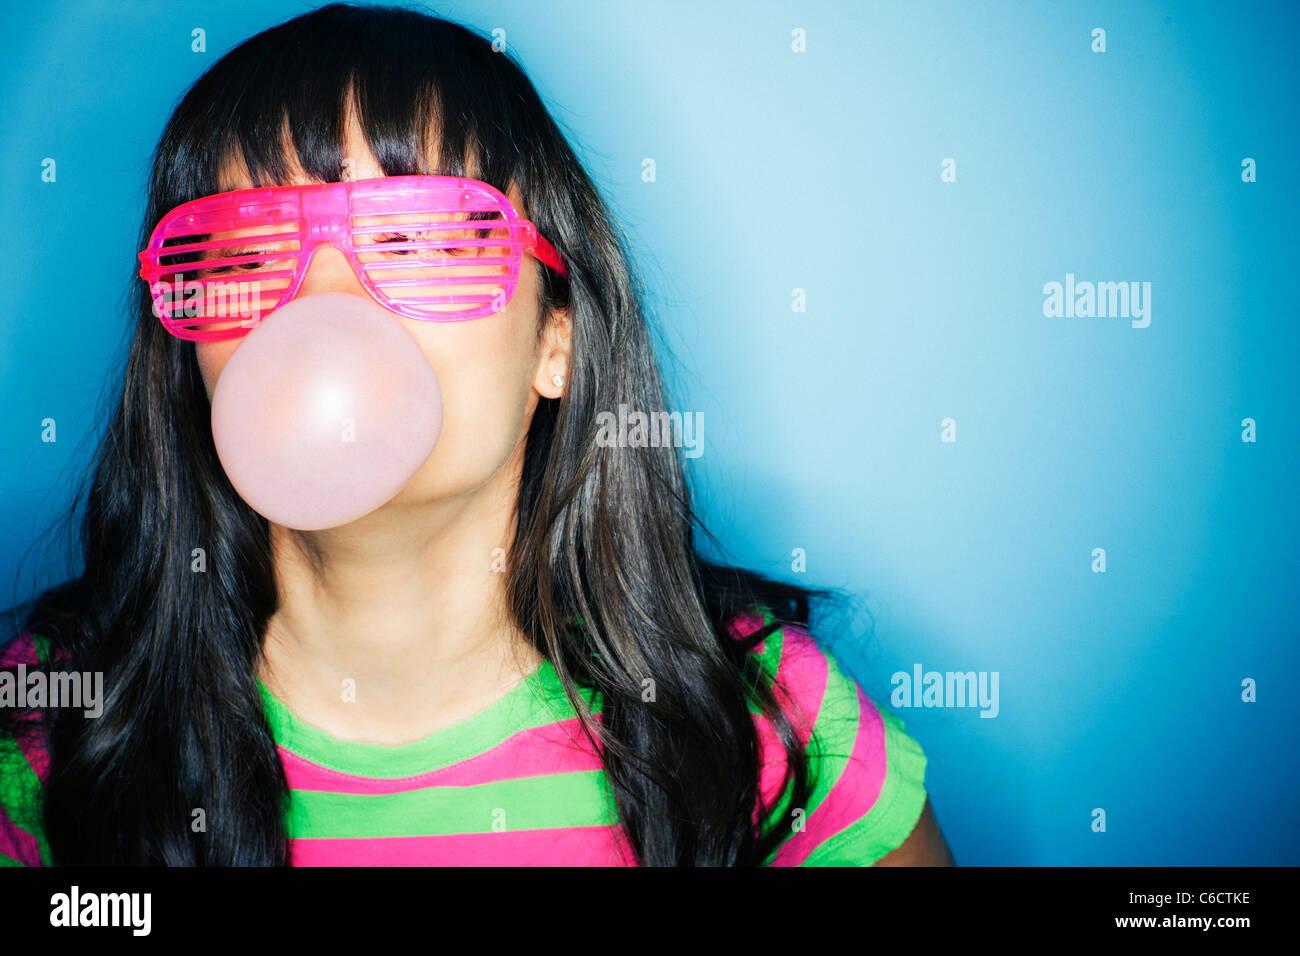 Gemischte Rassen Frau Seifenblase mit Kaugummi Stockfoto